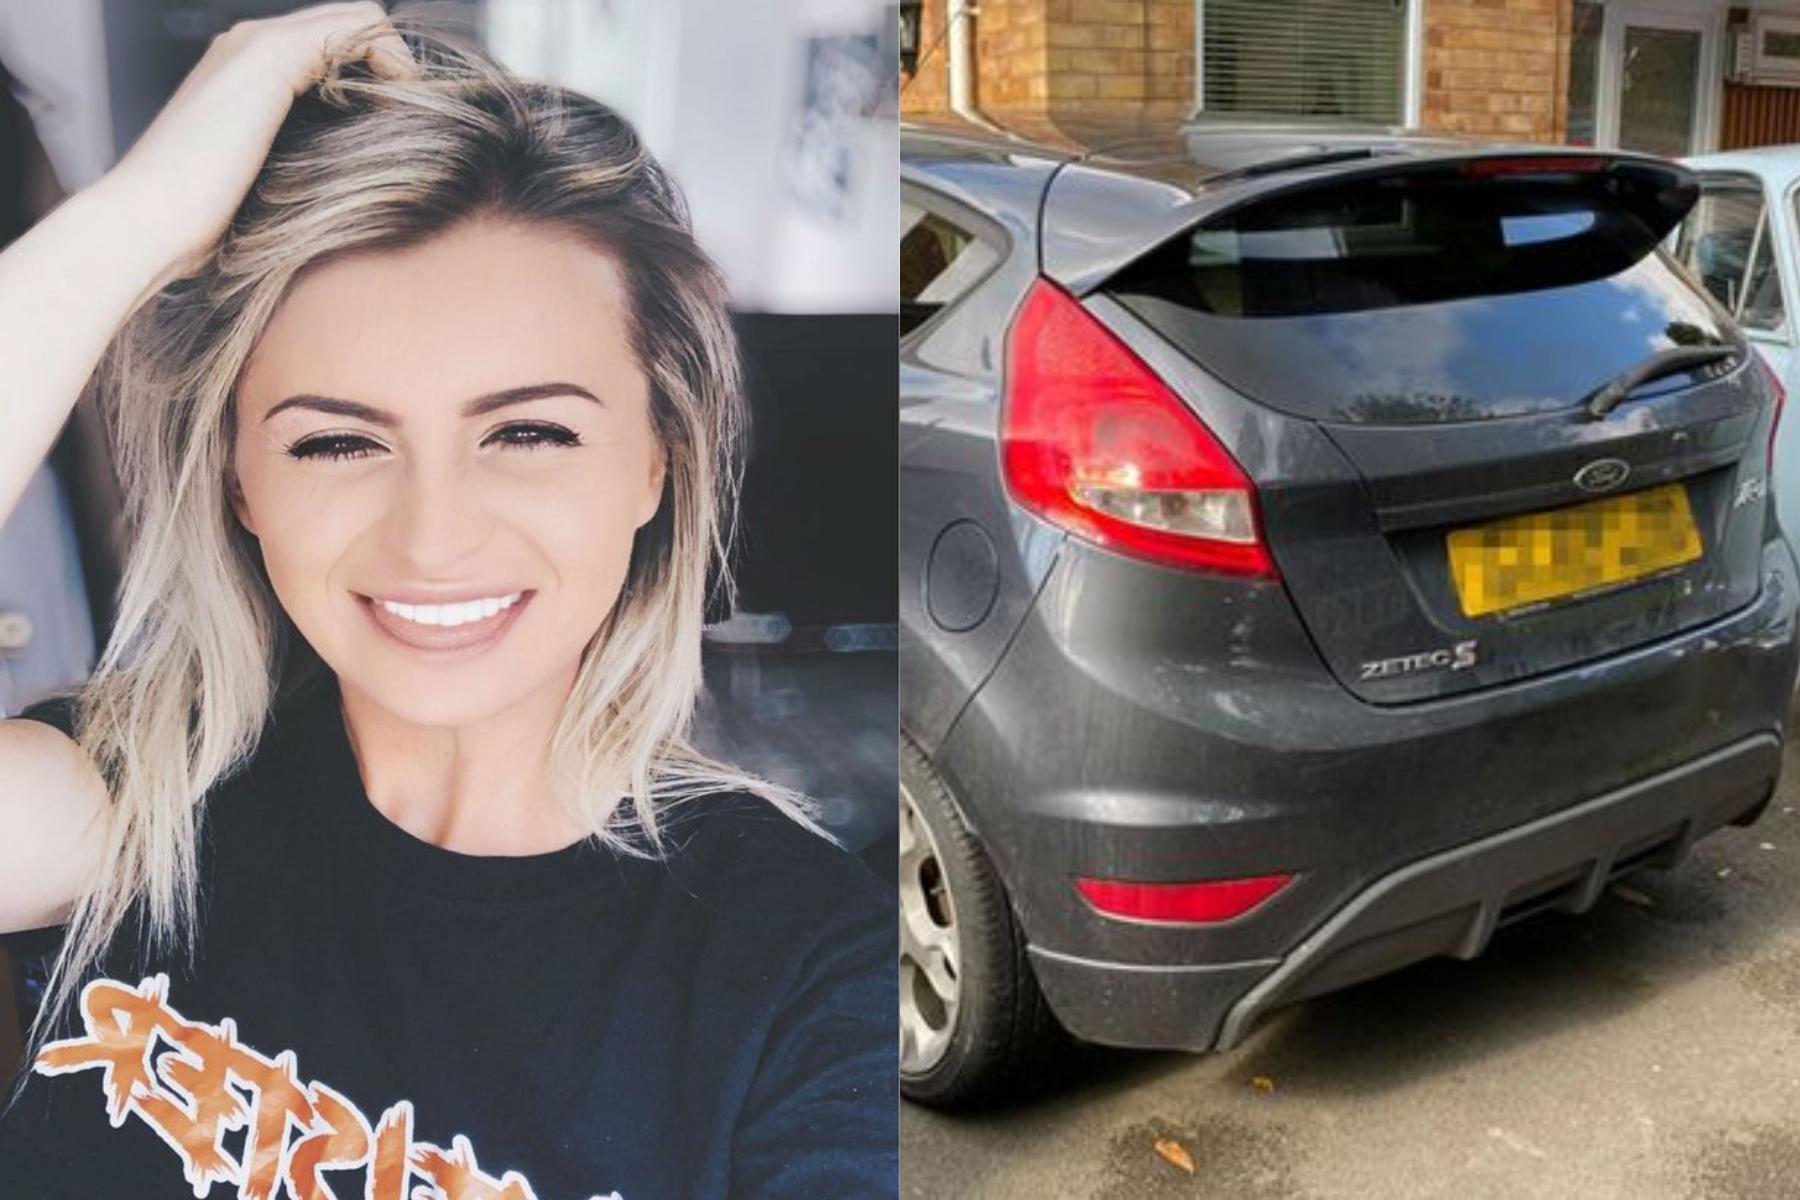 """Anunţul VIRAL al unei tinere care vrea să vândă un Ford Fiesta: """"Maşina este gri... diesel... nu este Clio"""" / Clienţii interesaţi au rămas uimiţi după ce au vorbit cu Laura - FOTO"""